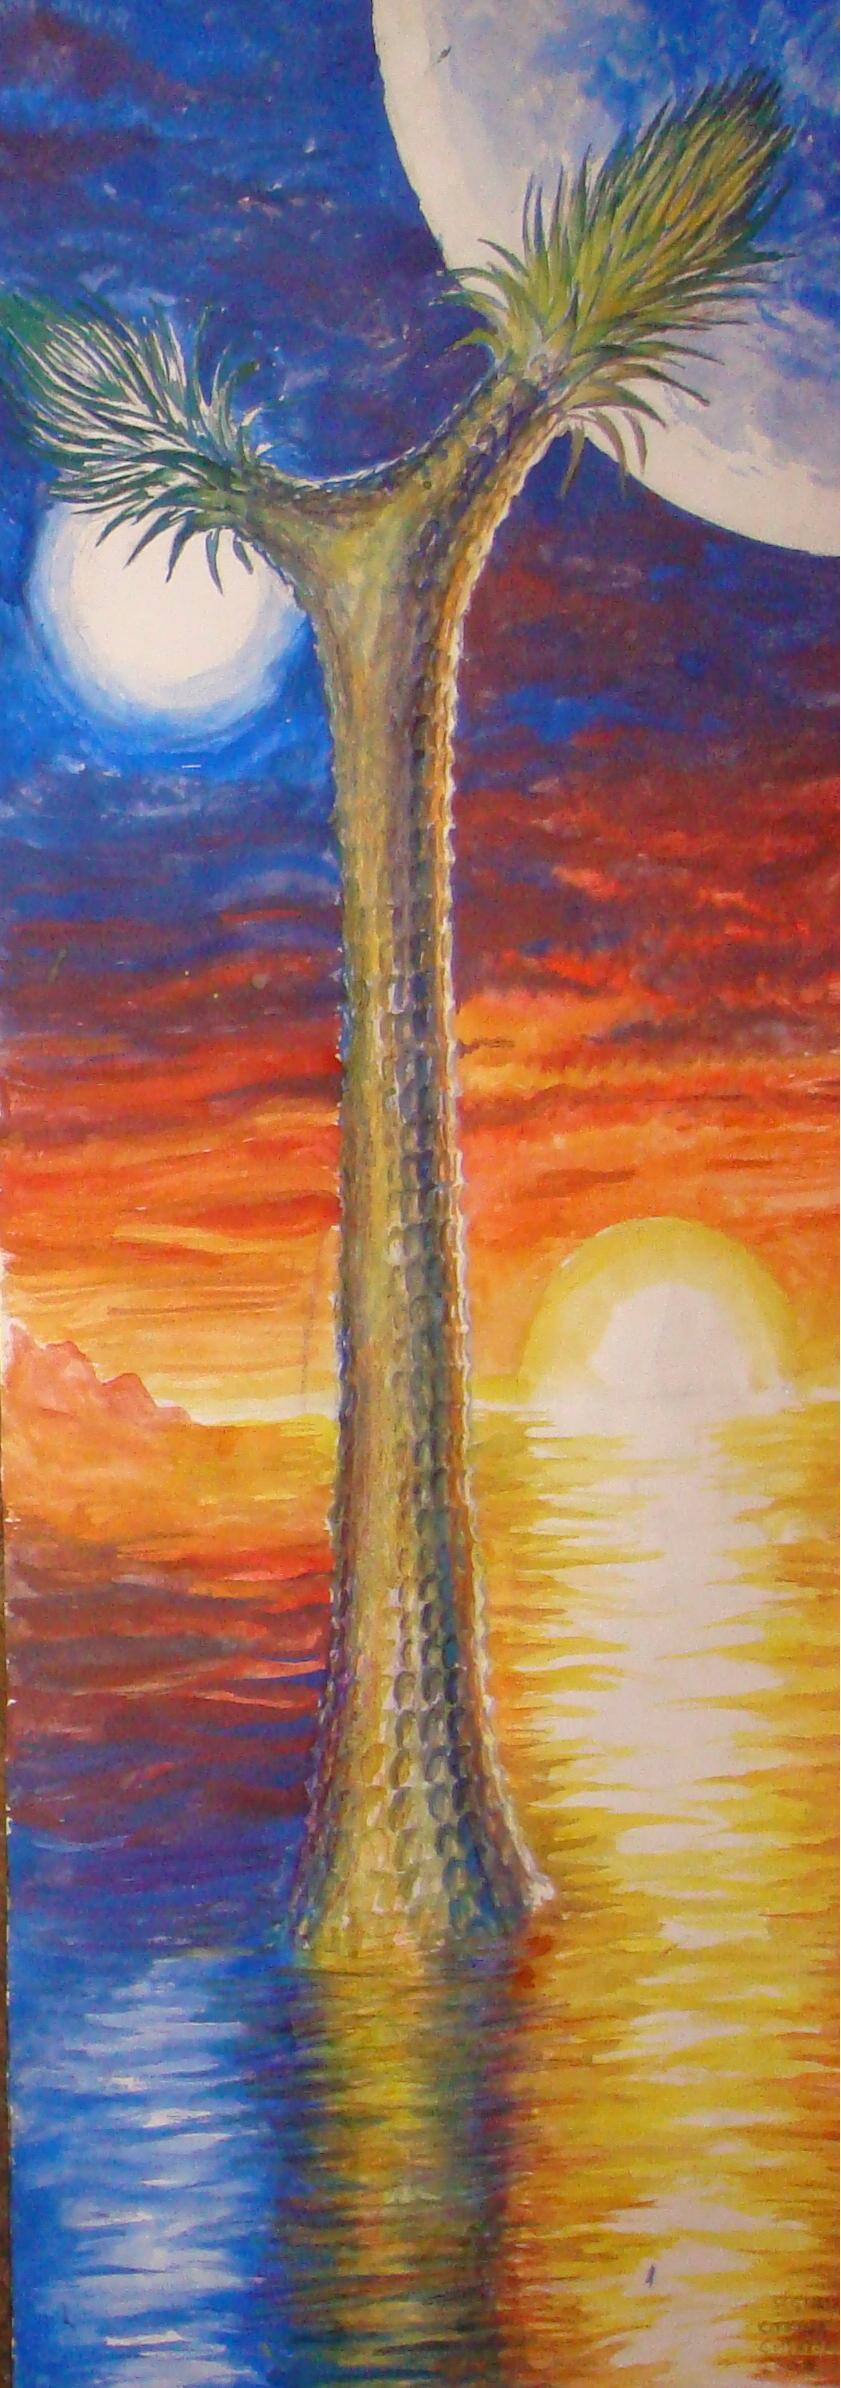 Sigillaria, pictura acuarela